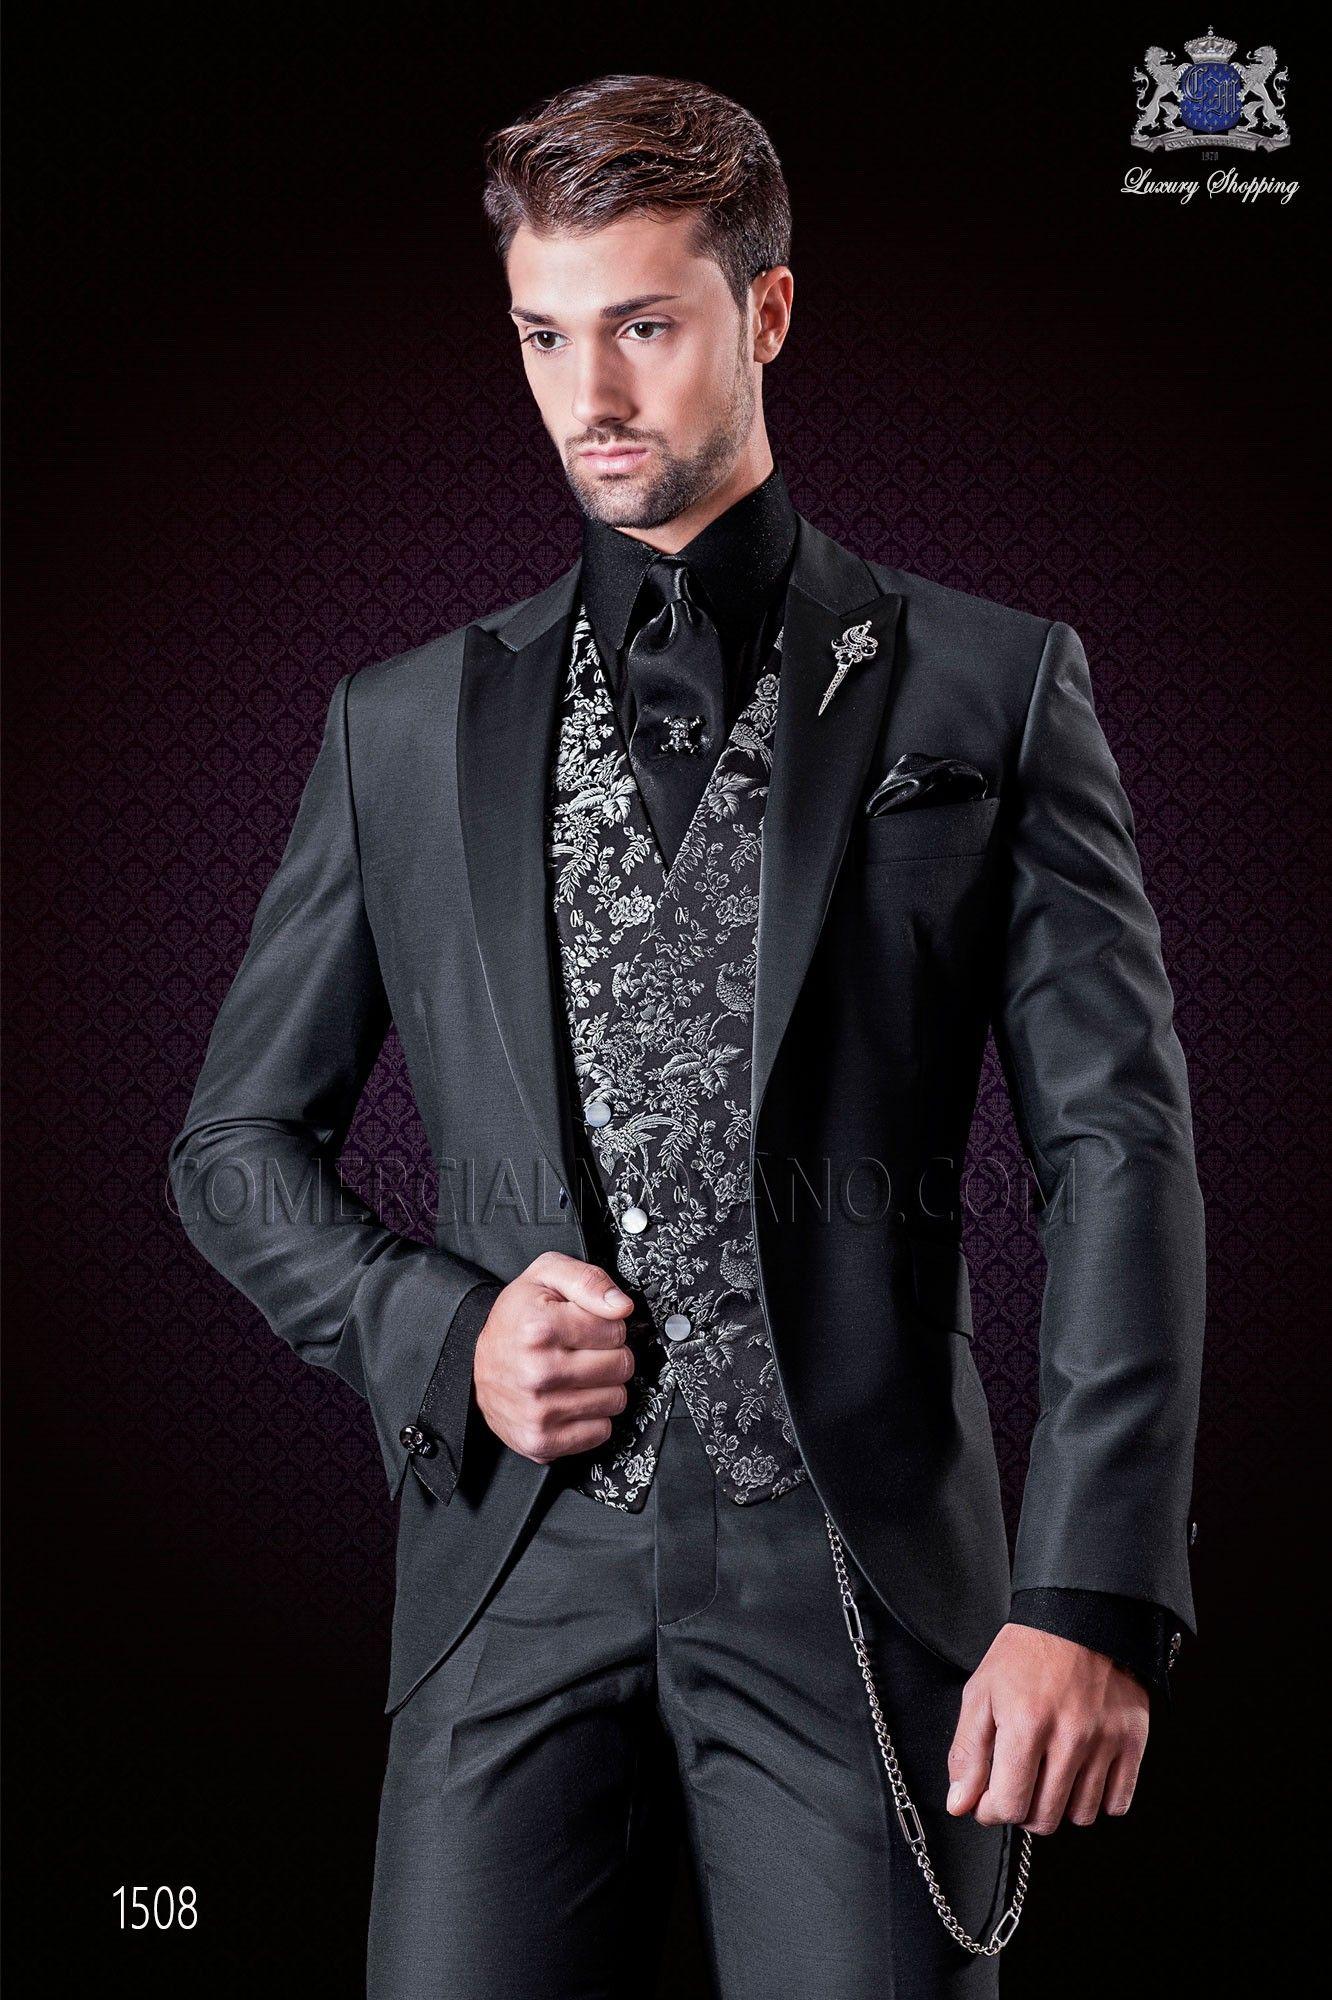 Italienische Mode Anzug anthrazit grau mit Satin Spitzen ...